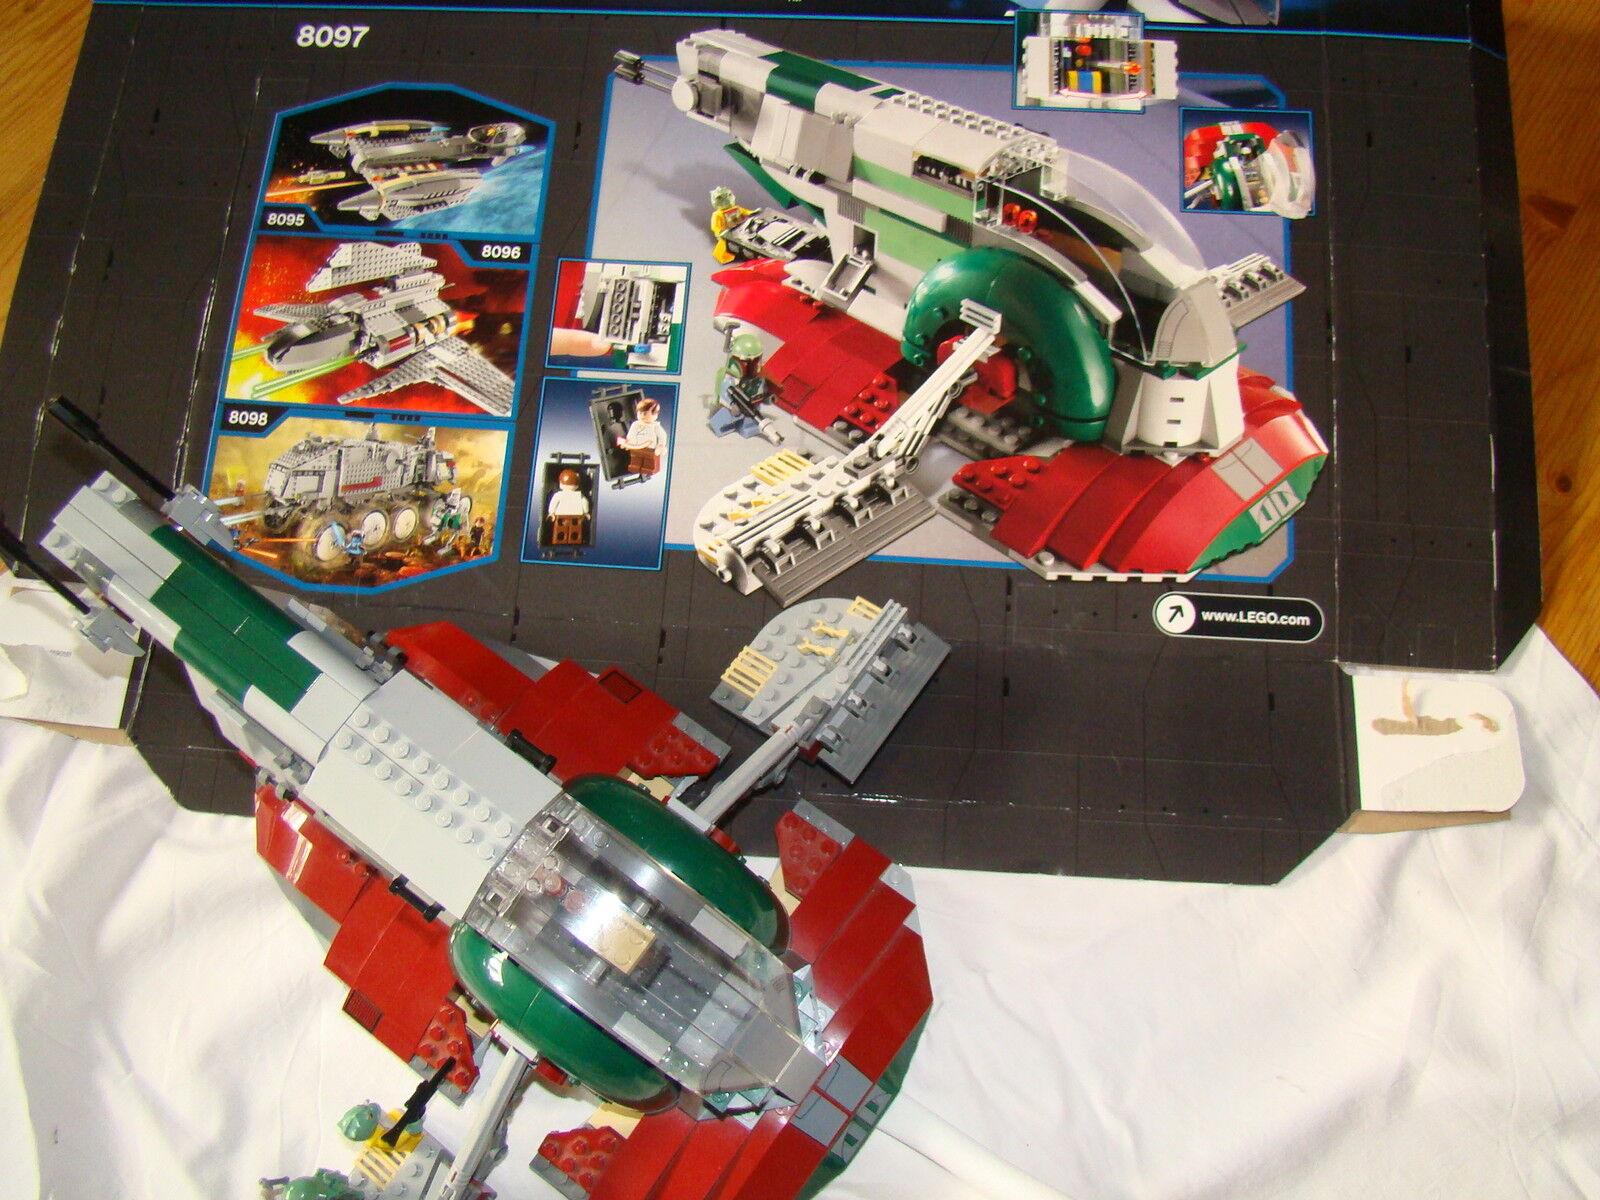 LEGO Star Wars 8097 slave 1 completa come nuovo Jed. senza al, con OVP nr30